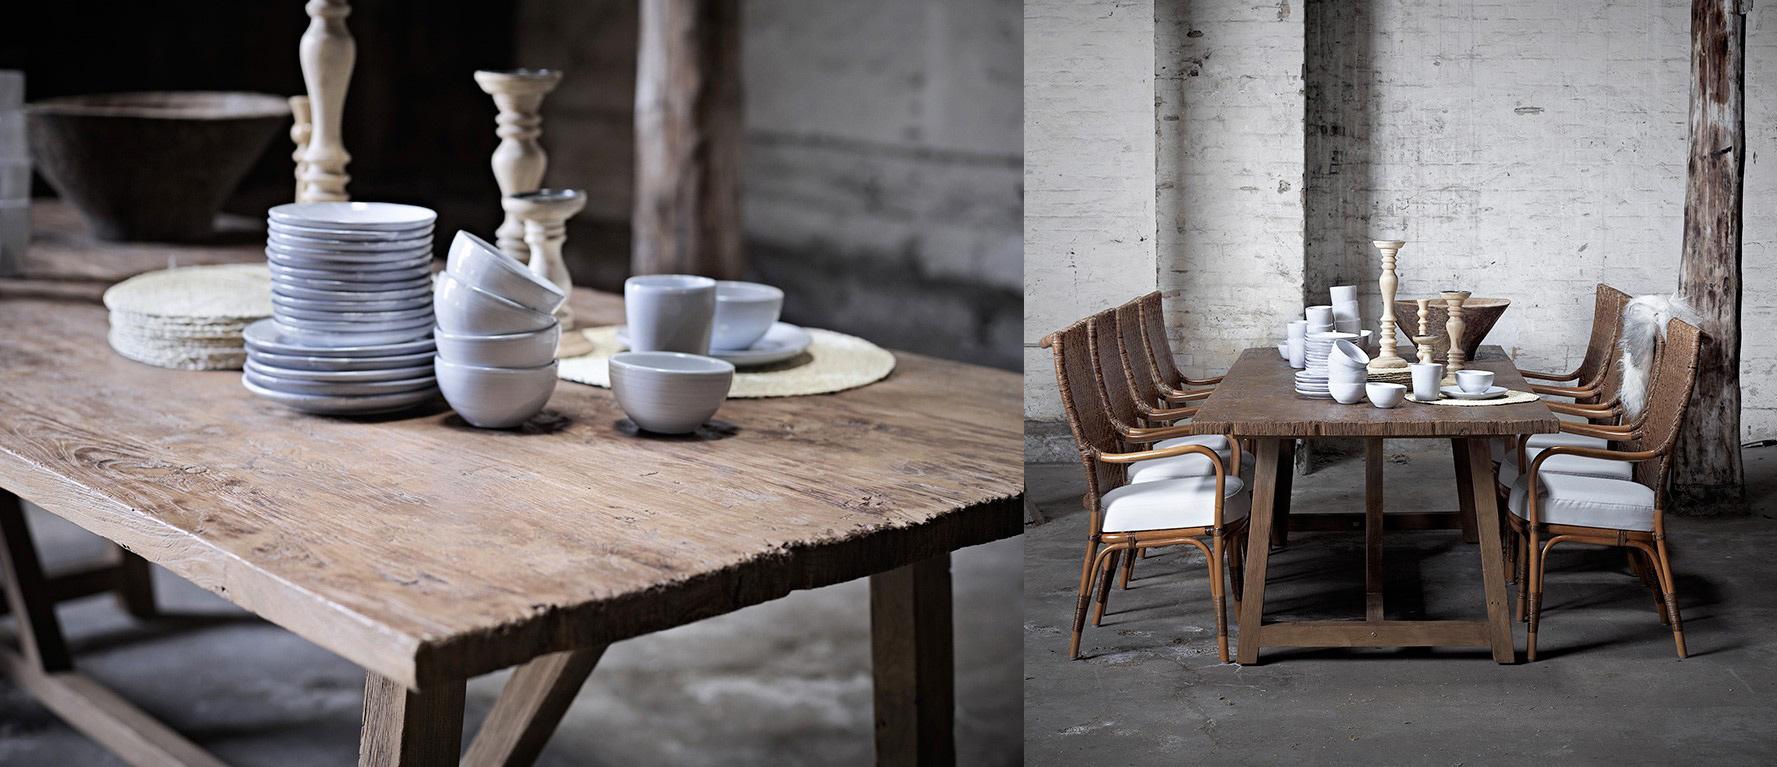 Table en teck recyclé, bois ancien patiné, style campagne chic rustique